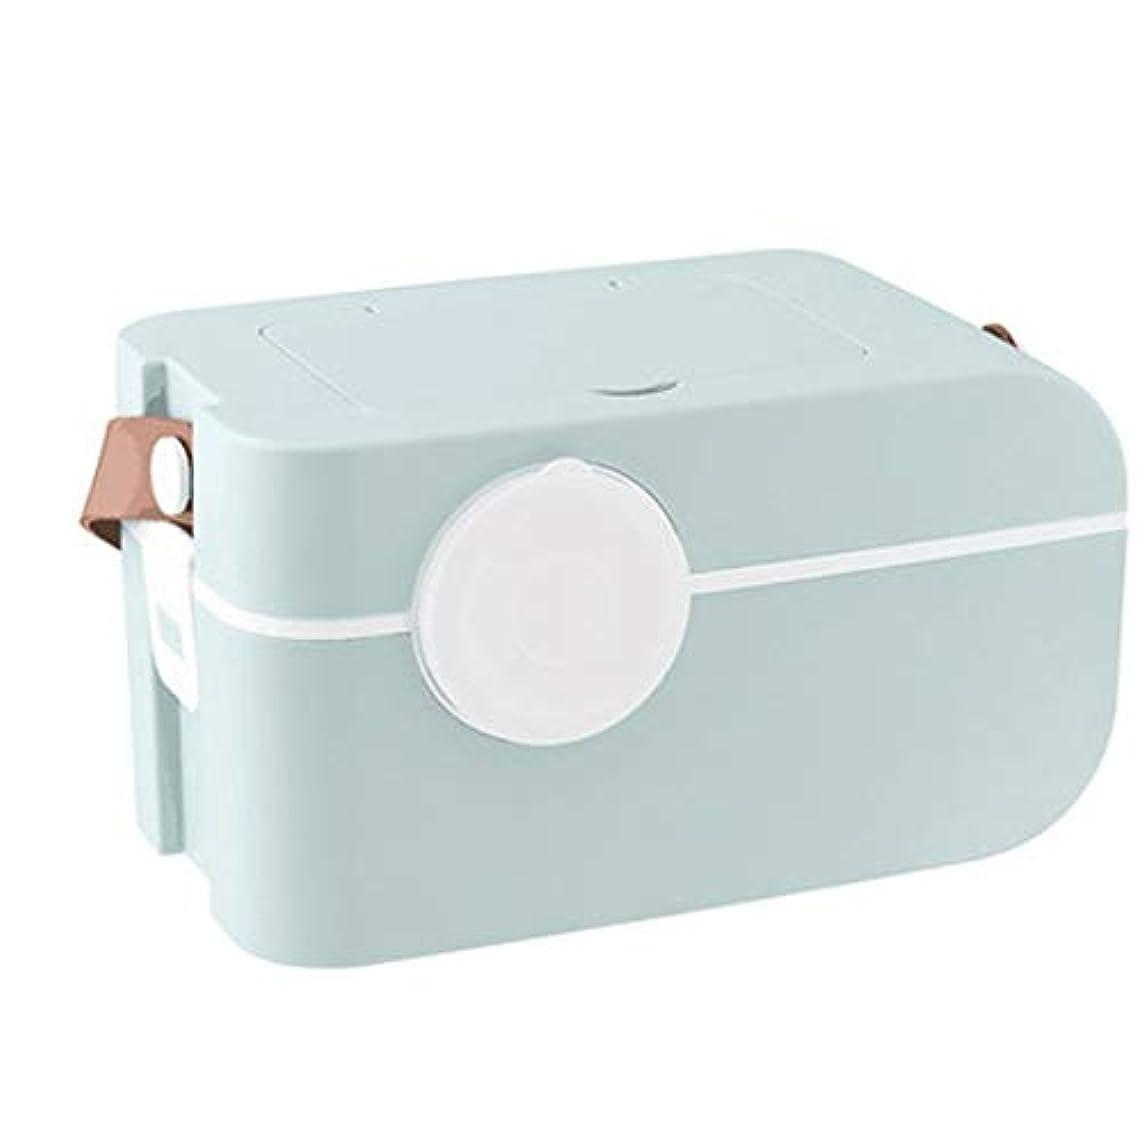 召集するラテンディスカウントLLSDD 応急処置薬収納ボックス防水屋外ポータブル医療バッグ薬袋容器多機能薬収納ボックス